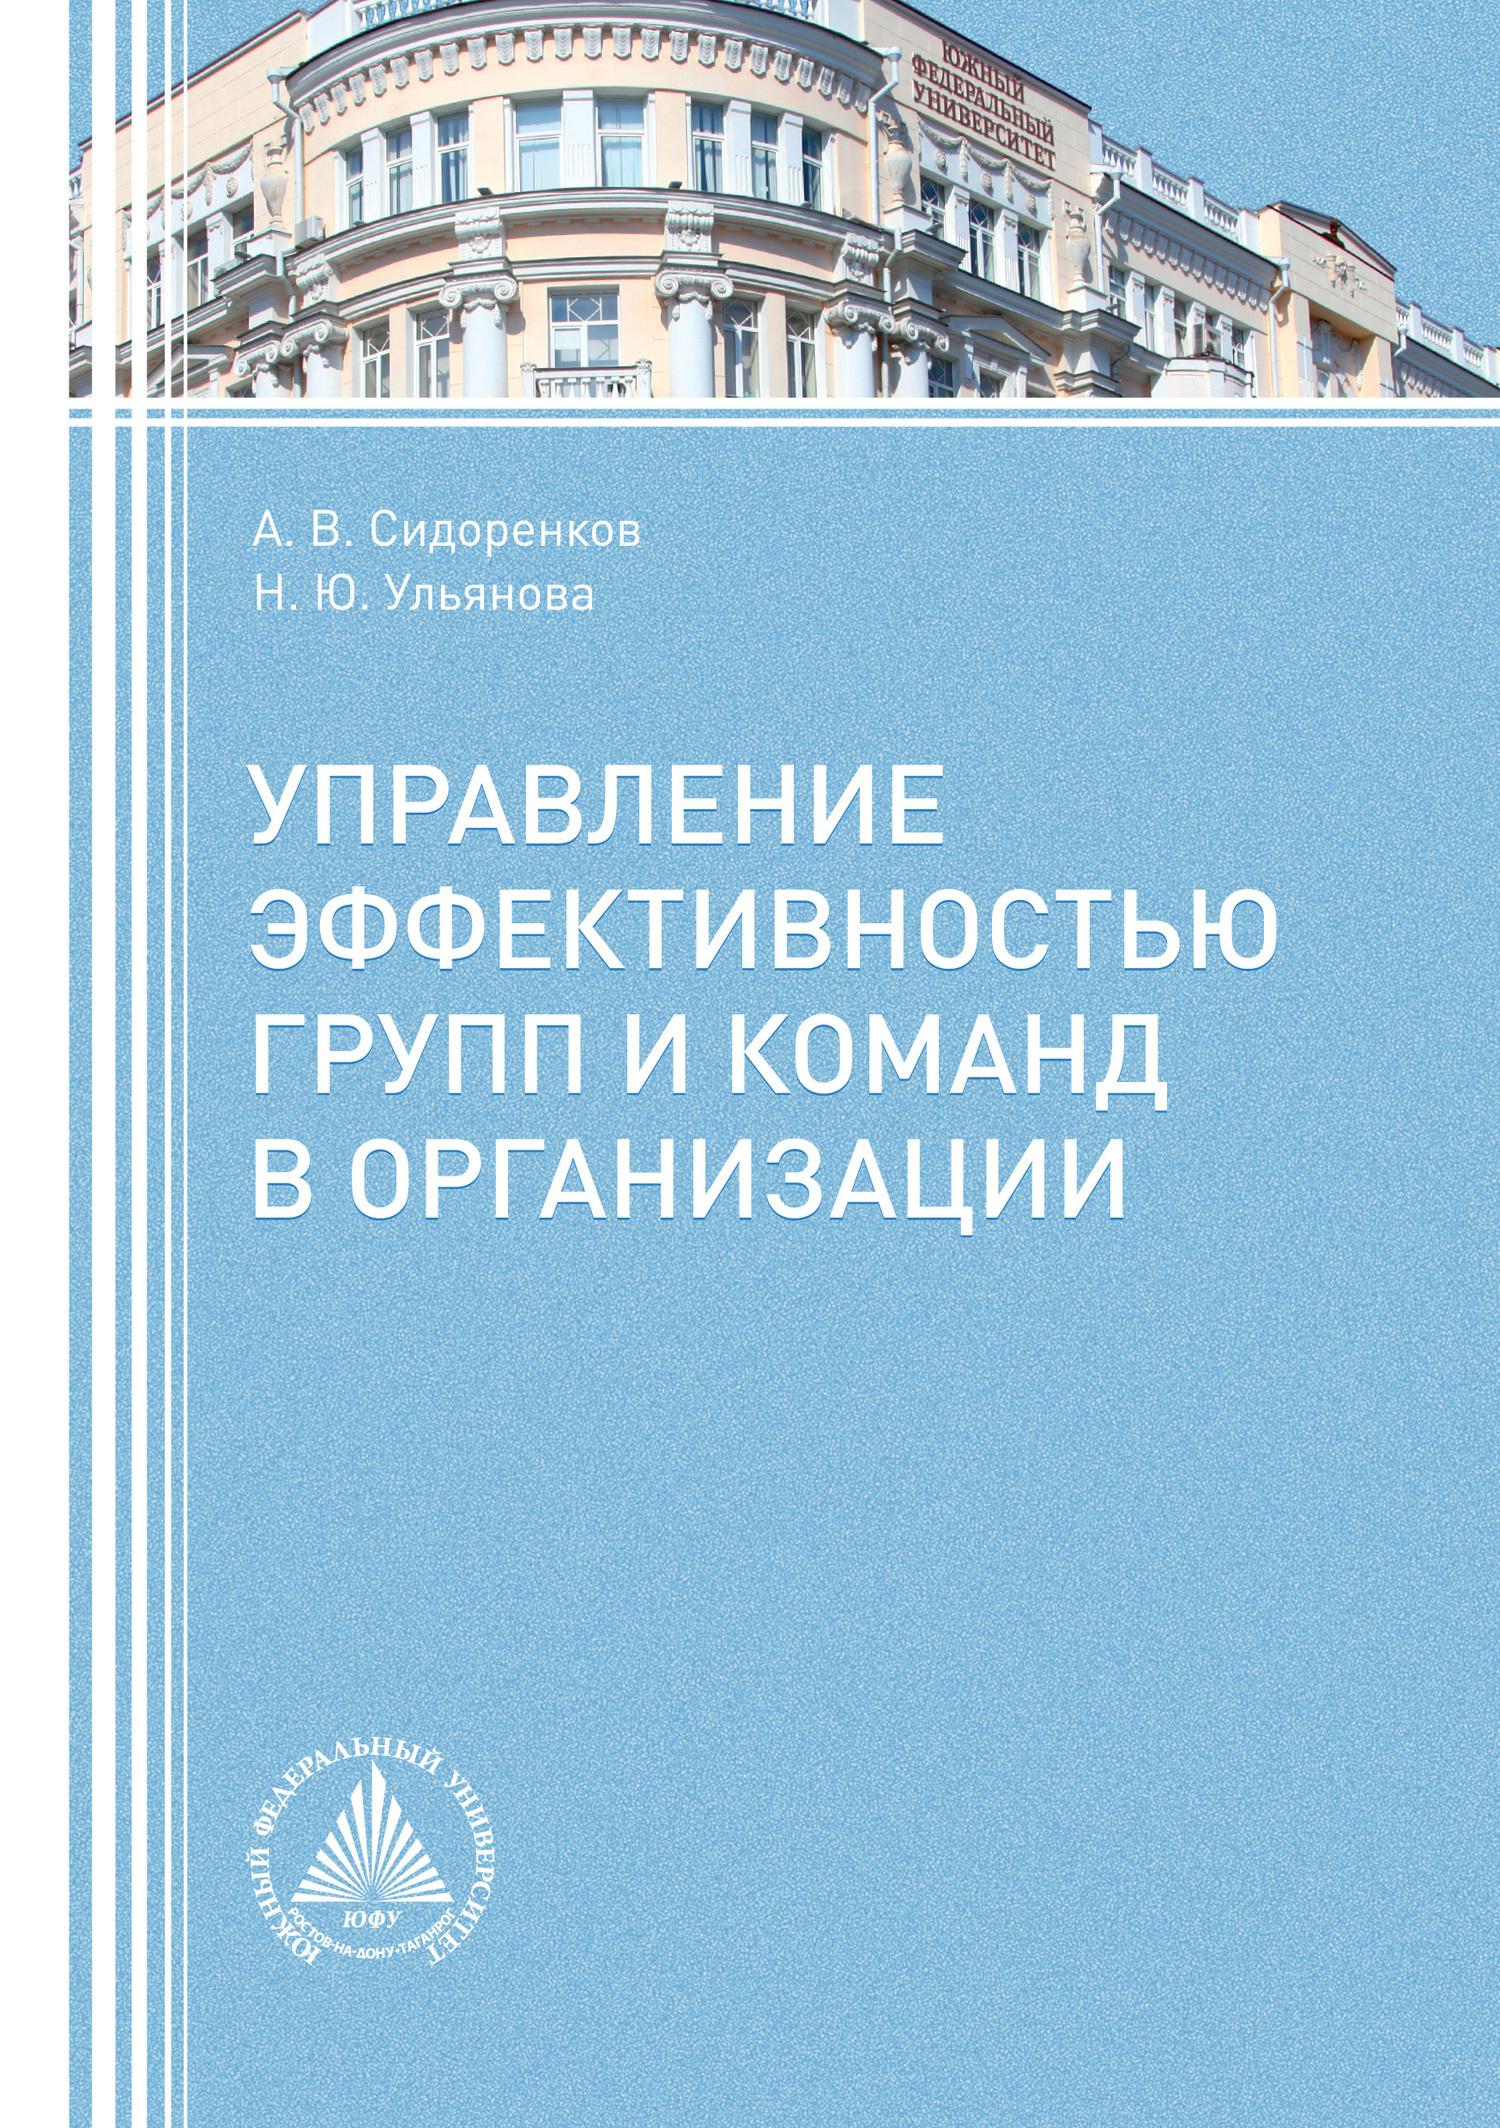 Обложка книги Управление эффективностью групп и команд в организации